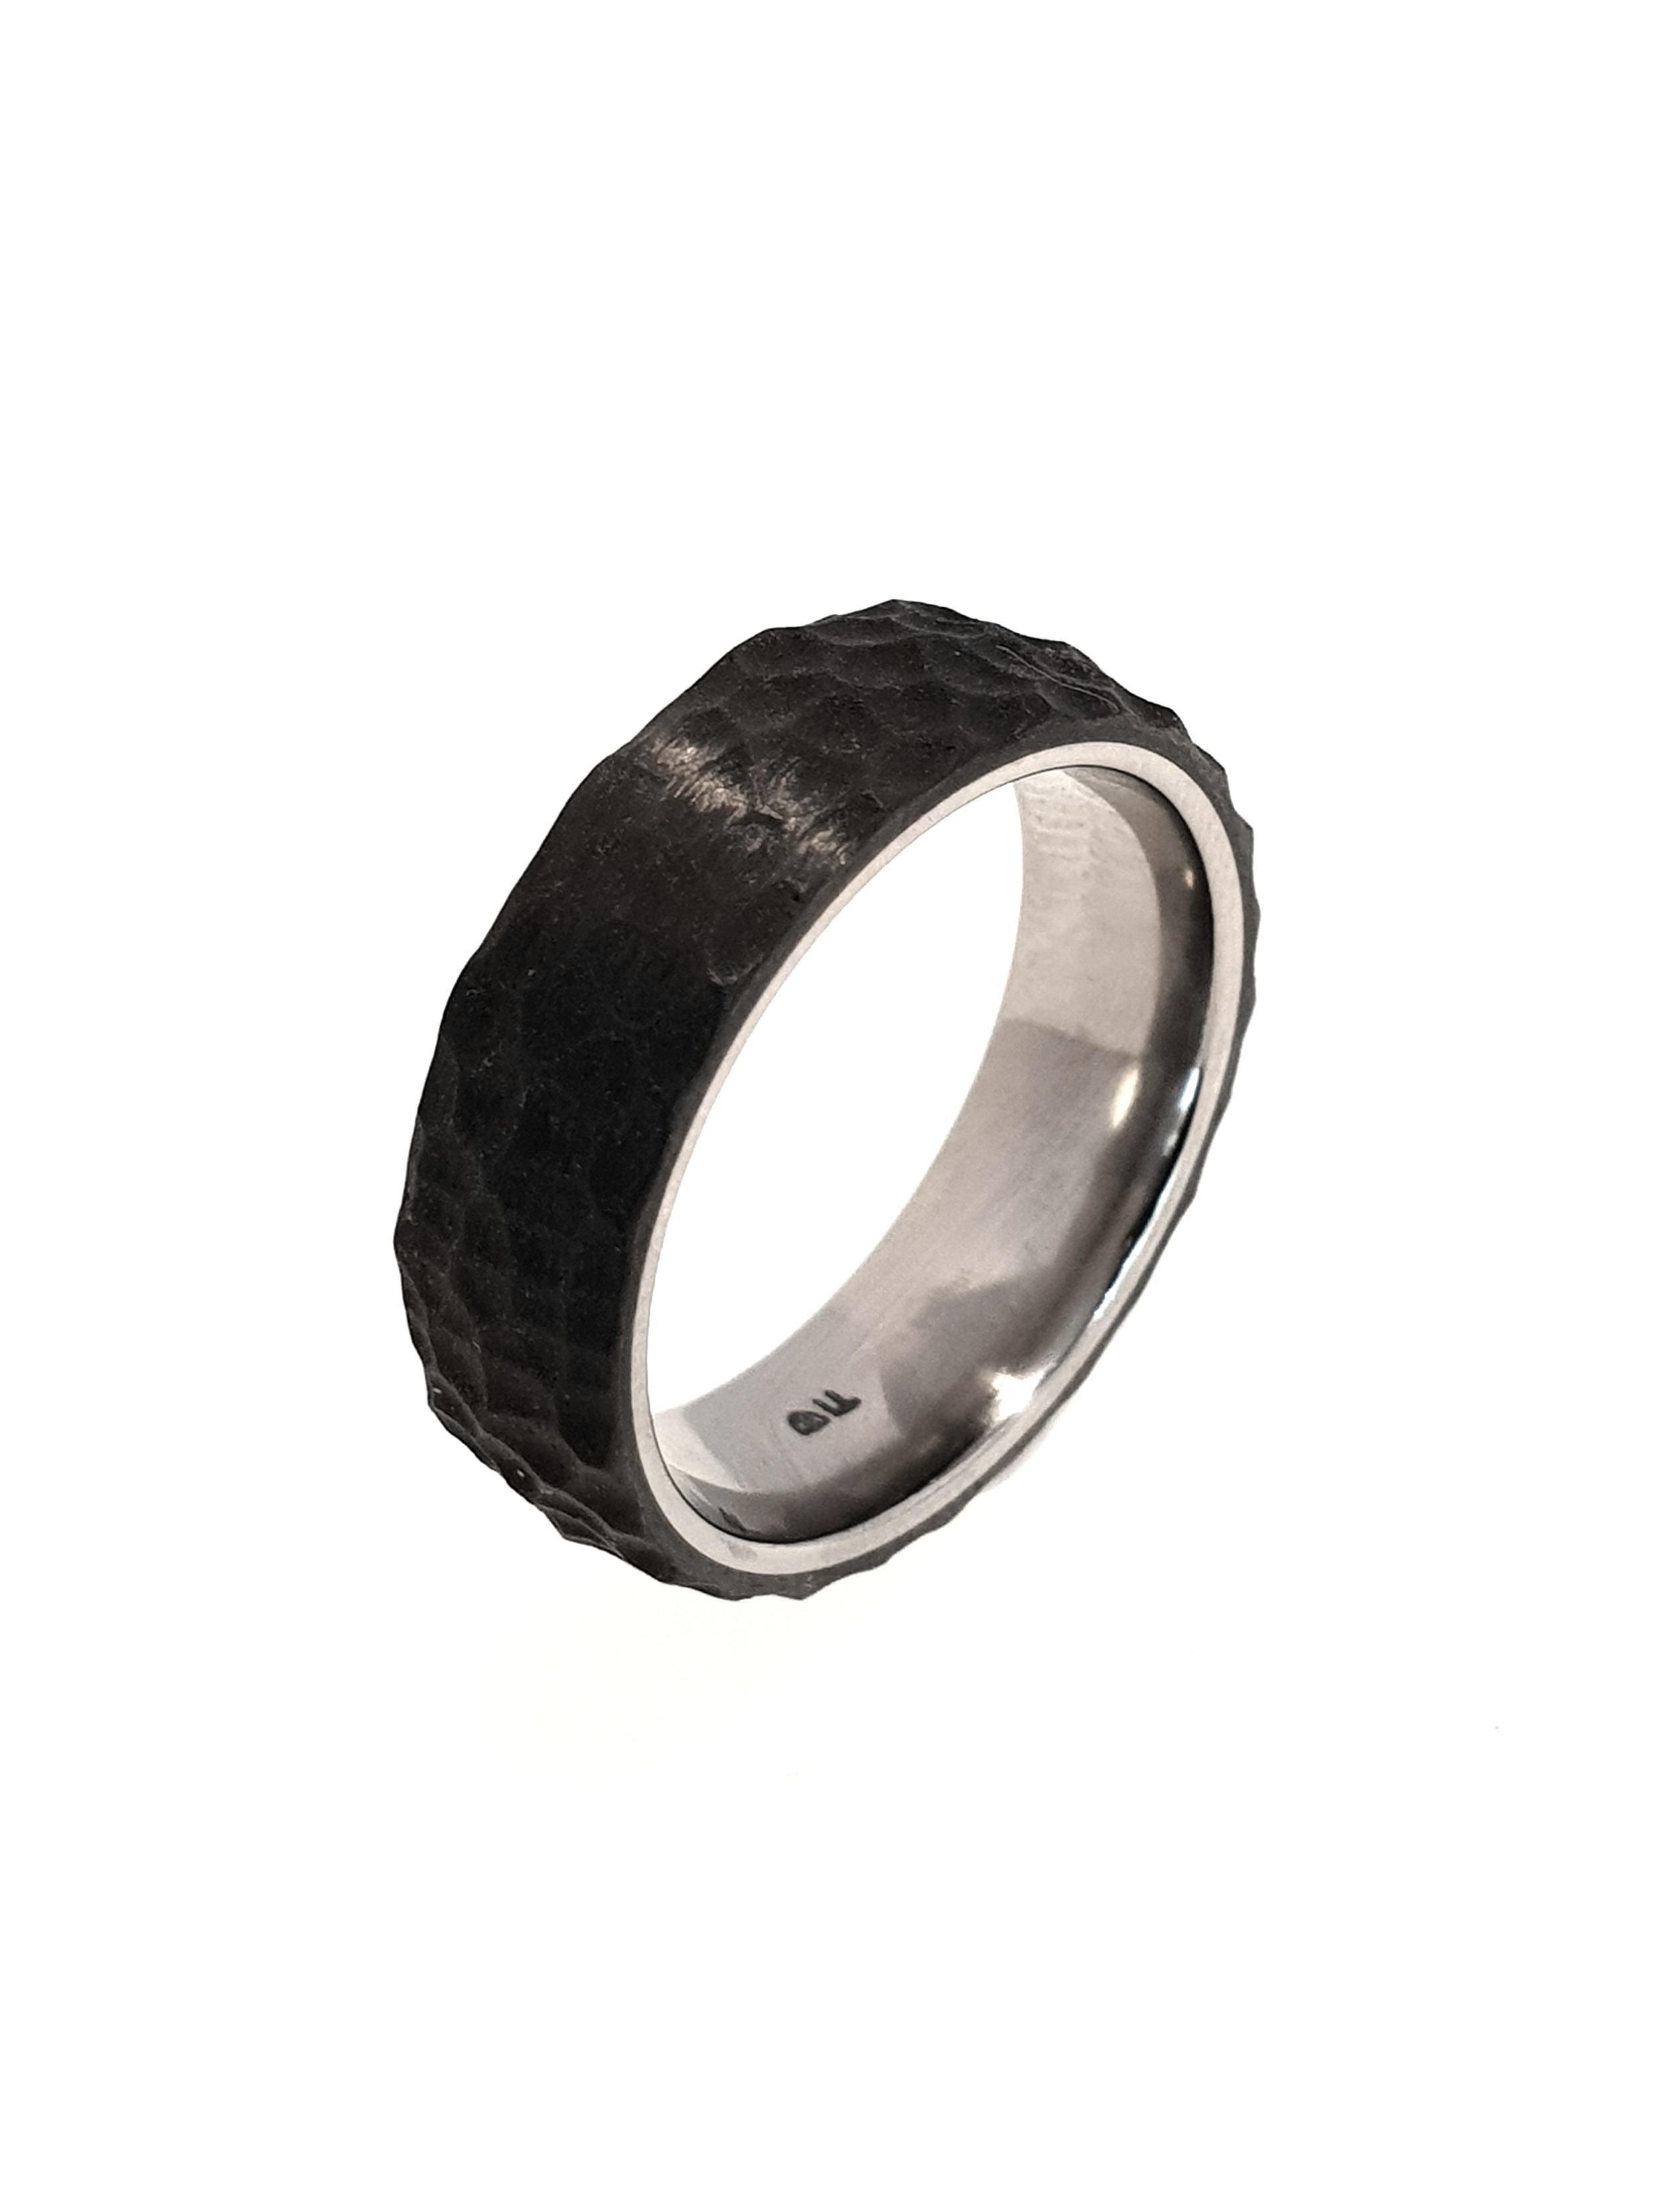 Carbon Fibre Ring, 7mm    Furrer Jacot (Model: 71-29140-0-0)   Current Stock Size: U  Stock Code: E9358  £1120